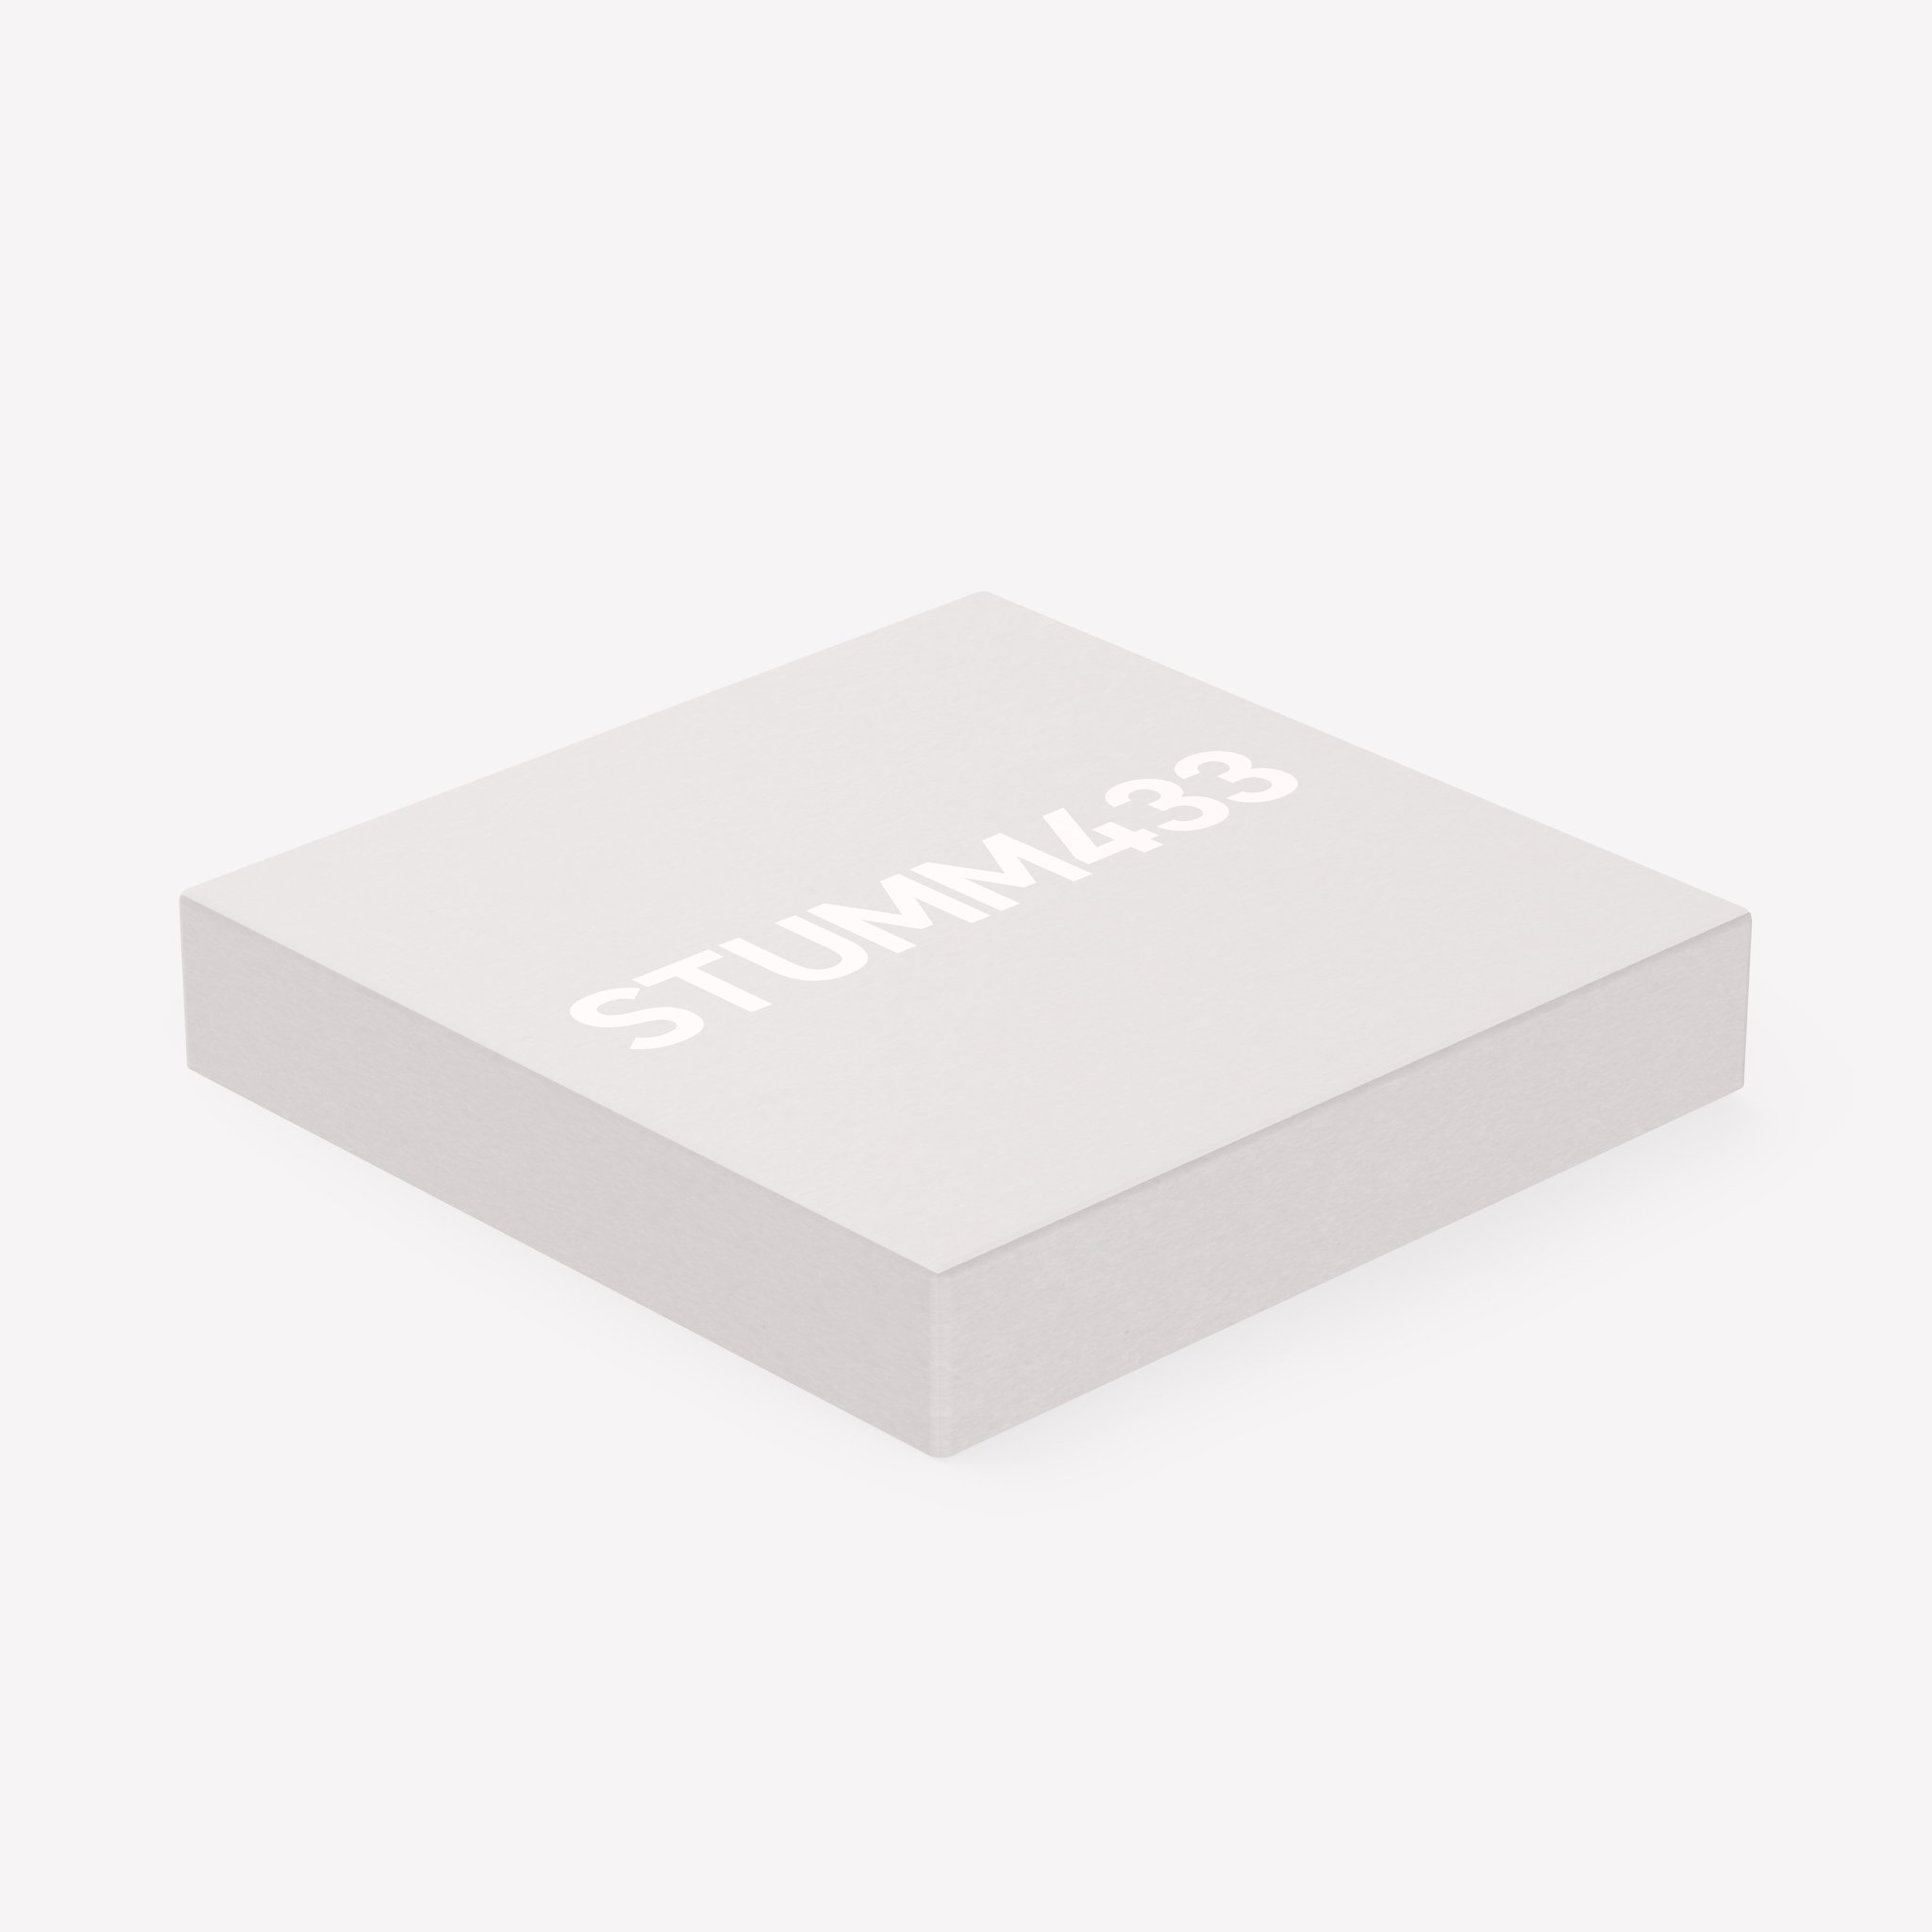 STUMM433 box set